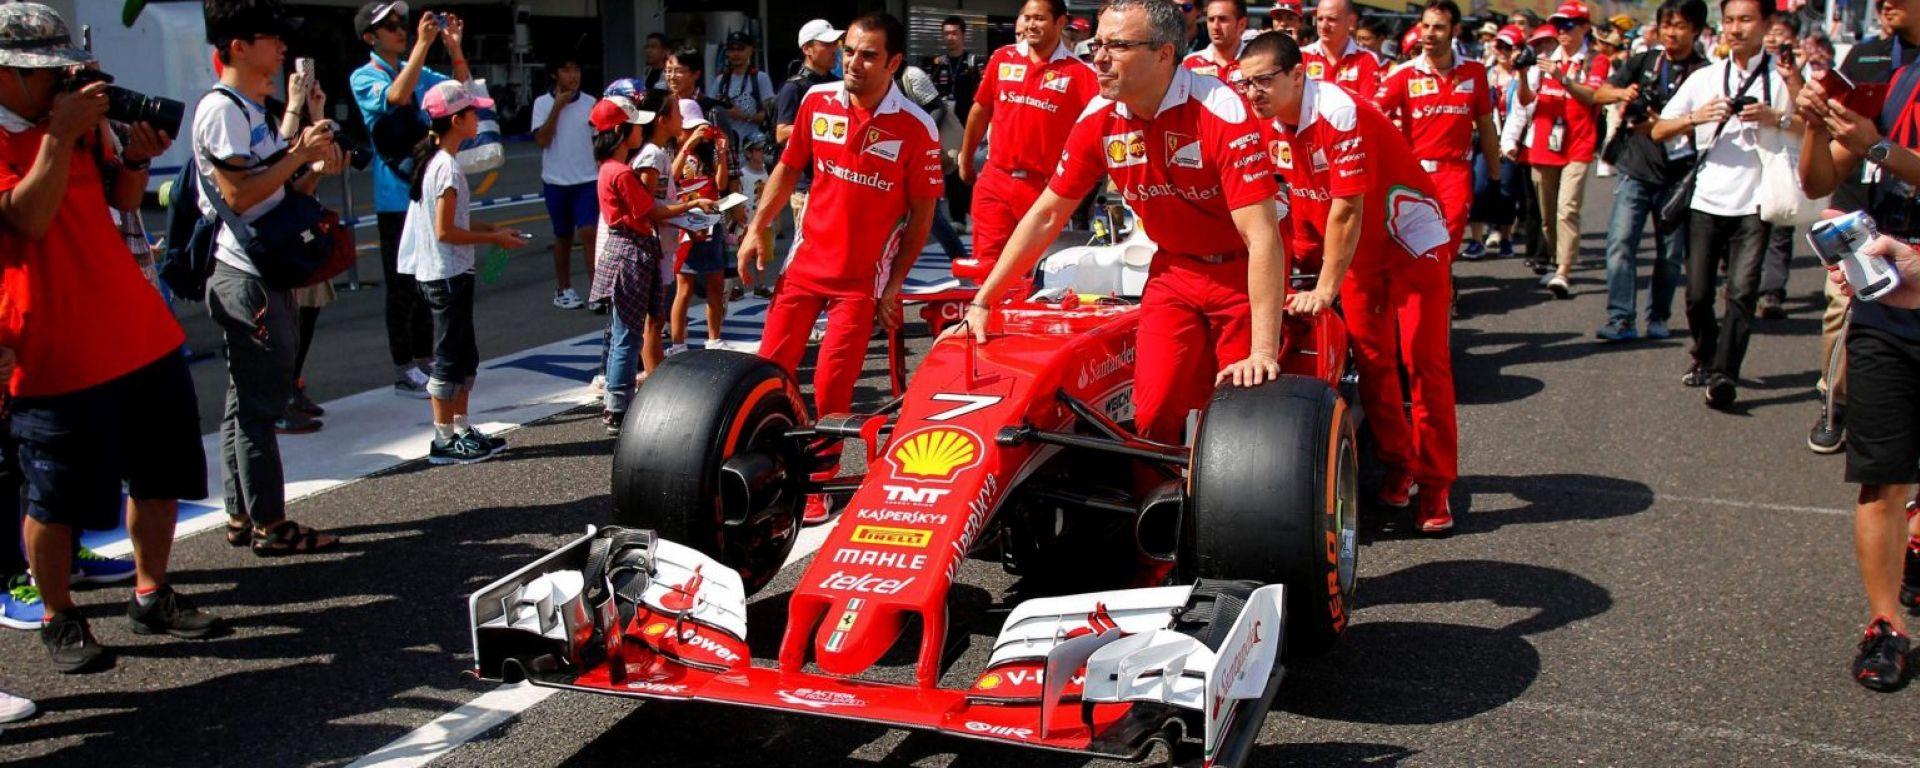 Meccanici Ferrari con la SF16-H - Suzuka Circuit